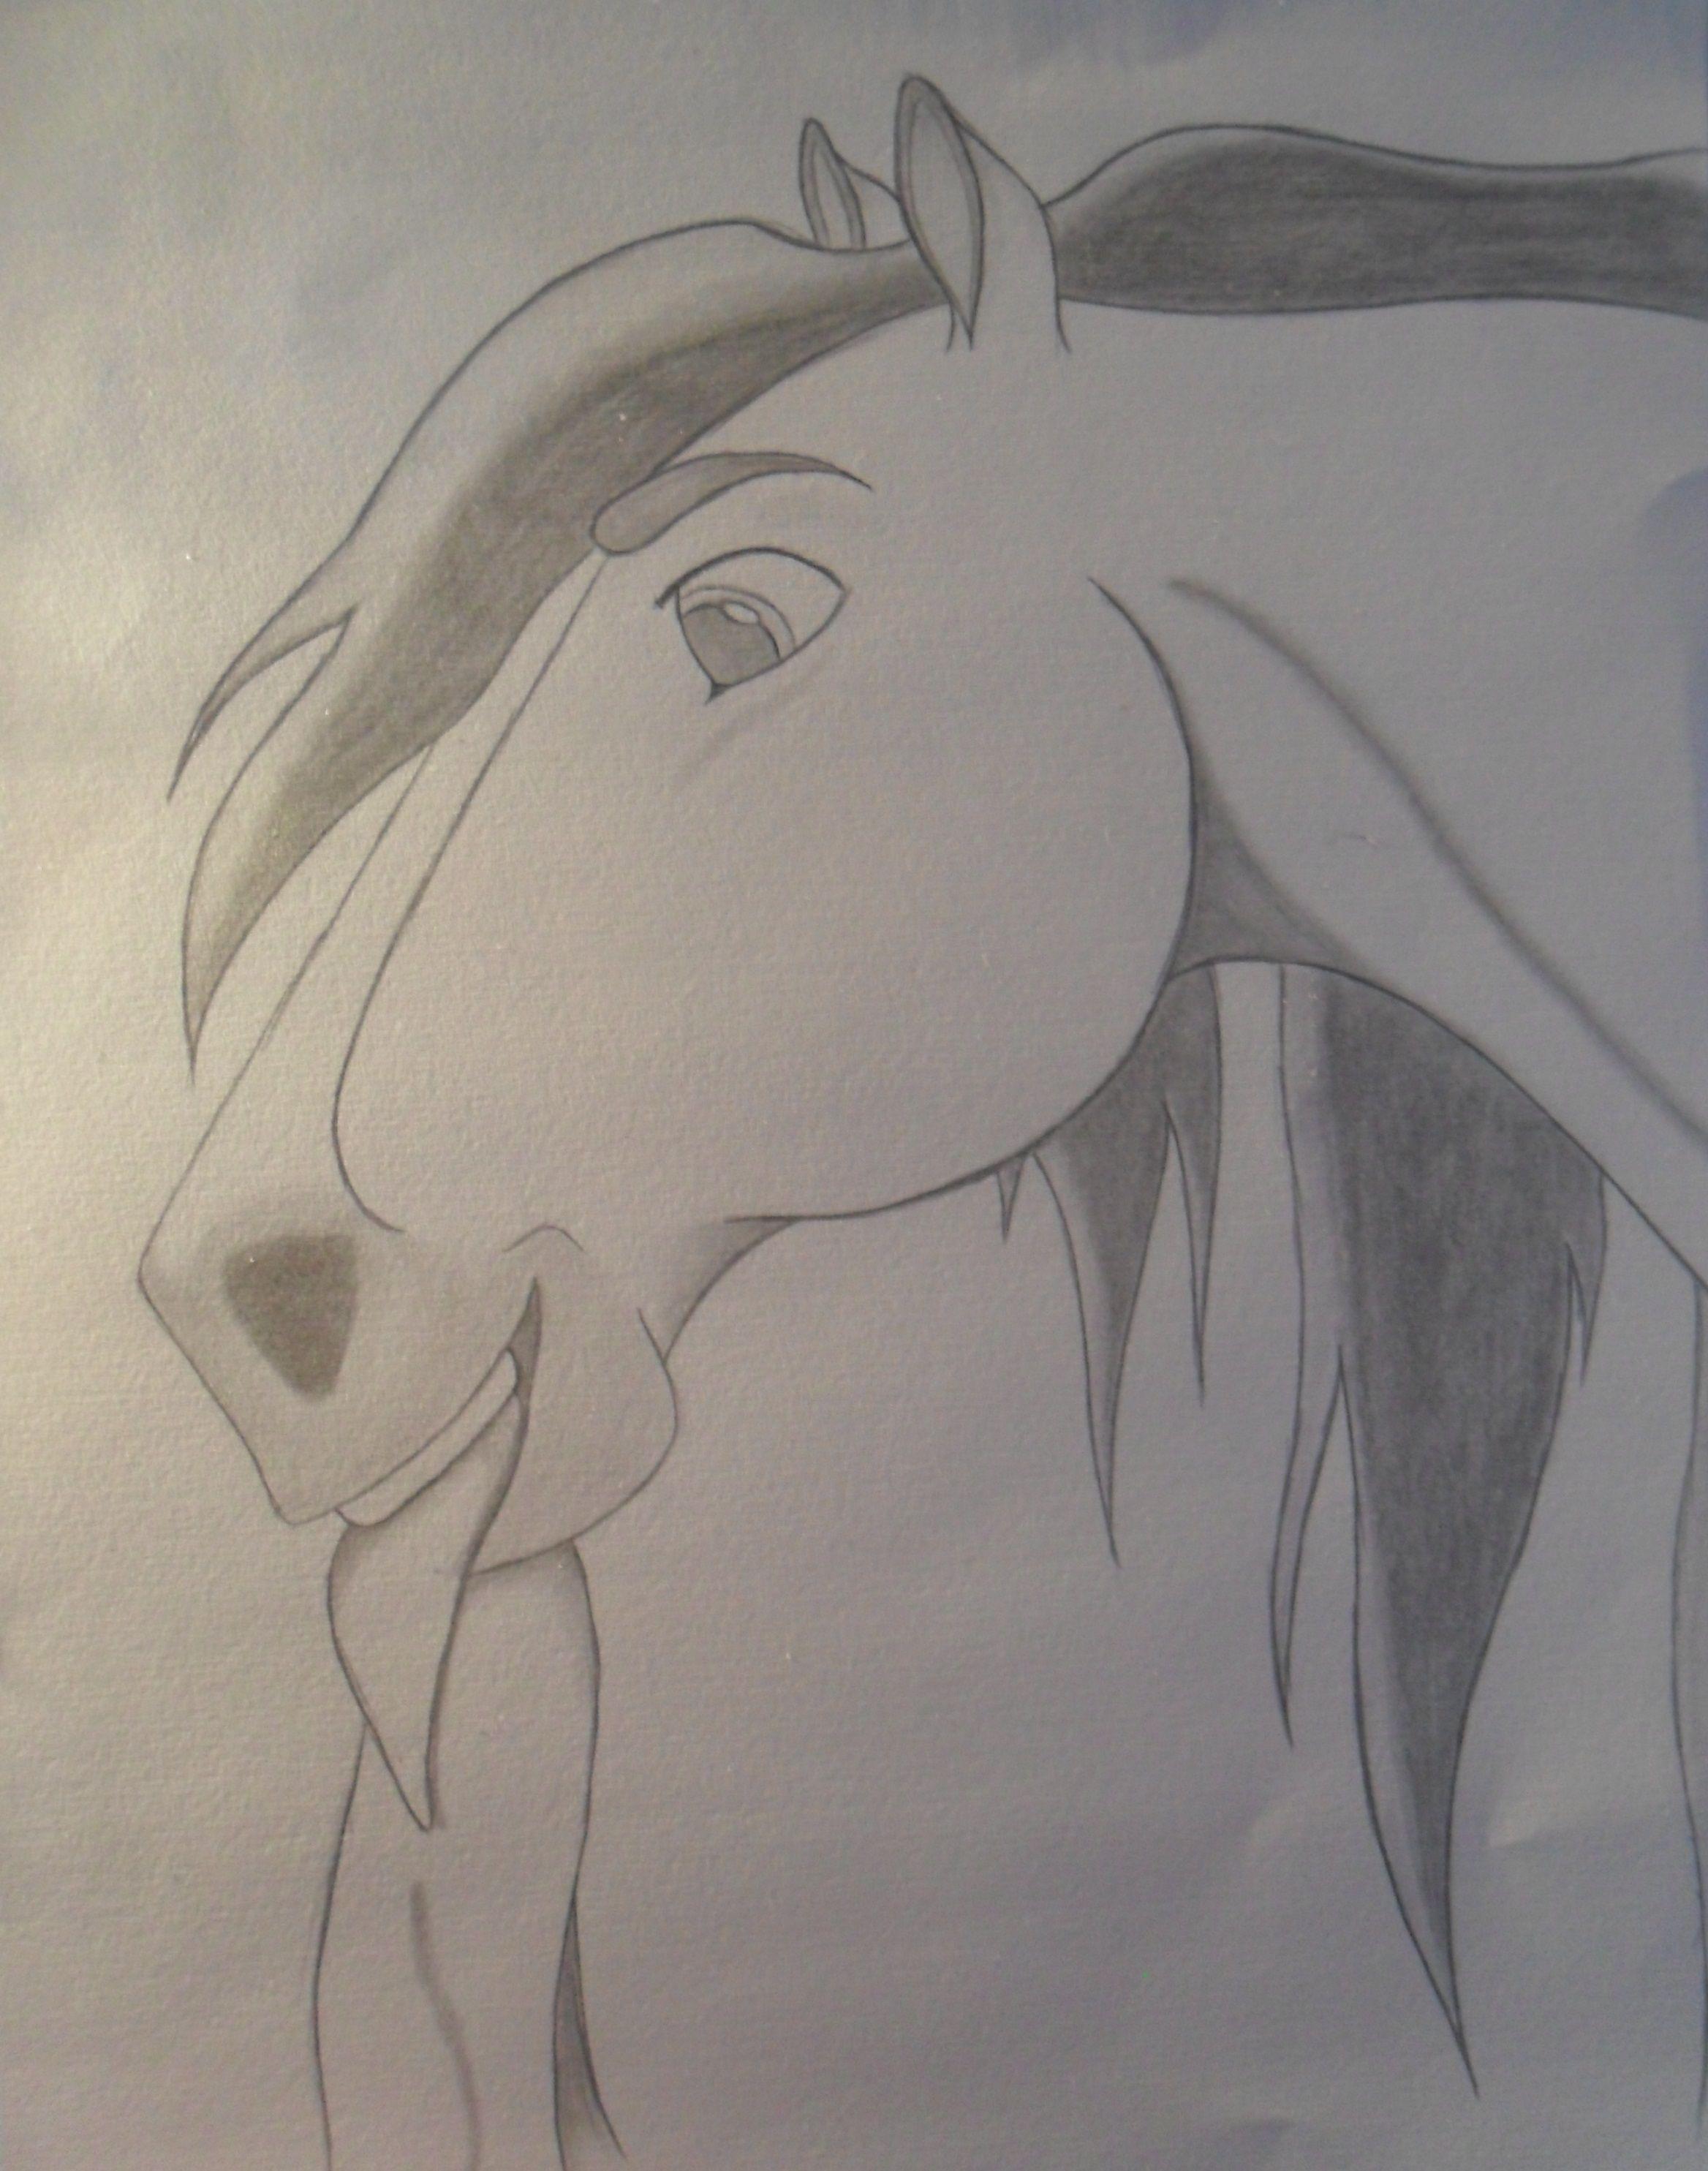 A Fan Art drawing of a screenshot of Spirit from Spirit: The Stallion of Cimarron. ----------------------------------- Art (C) Me ----------------------------------- Original Art & Spirit (C) DreamWorks -----------------------------------